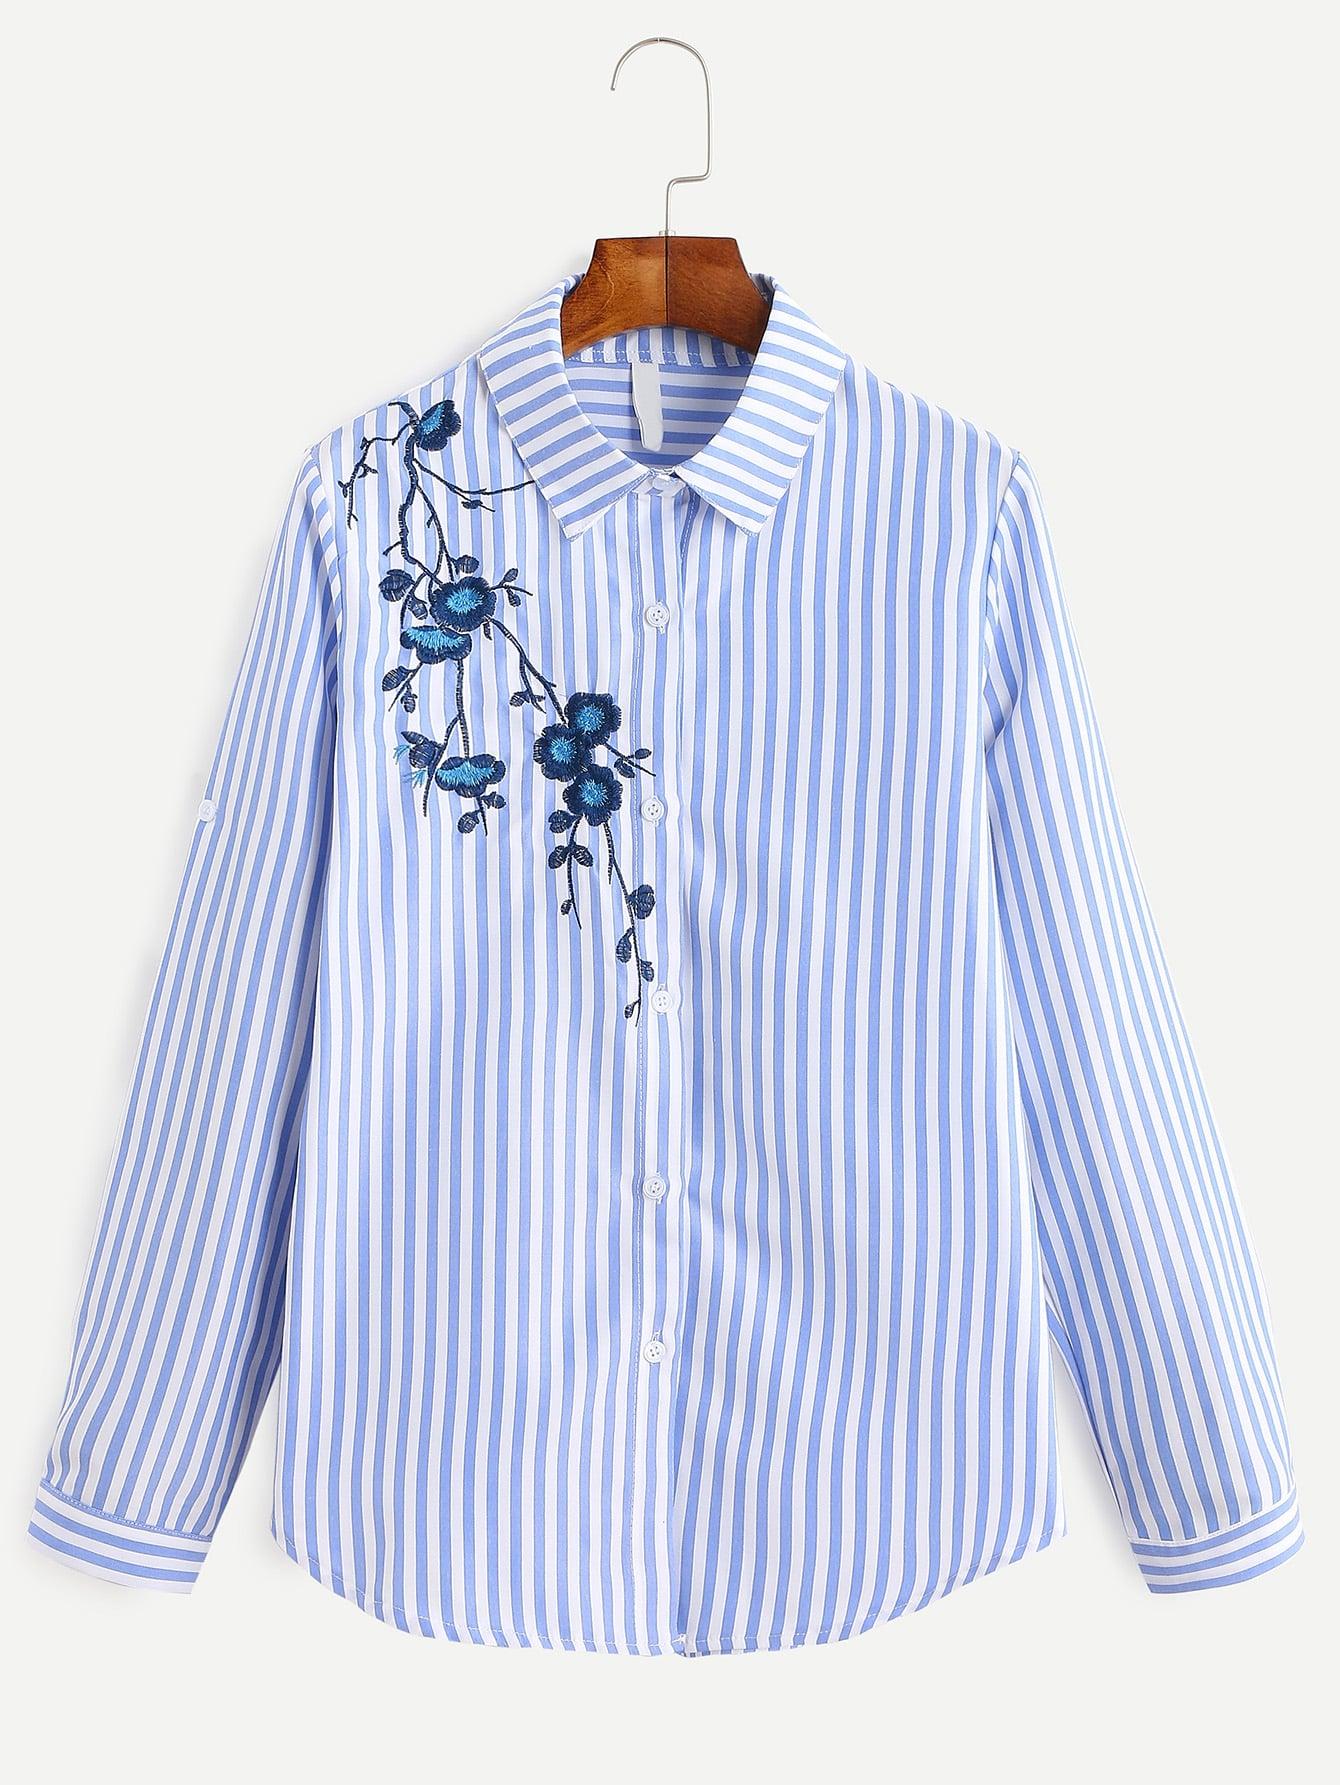 Вышивка на рубашке 34